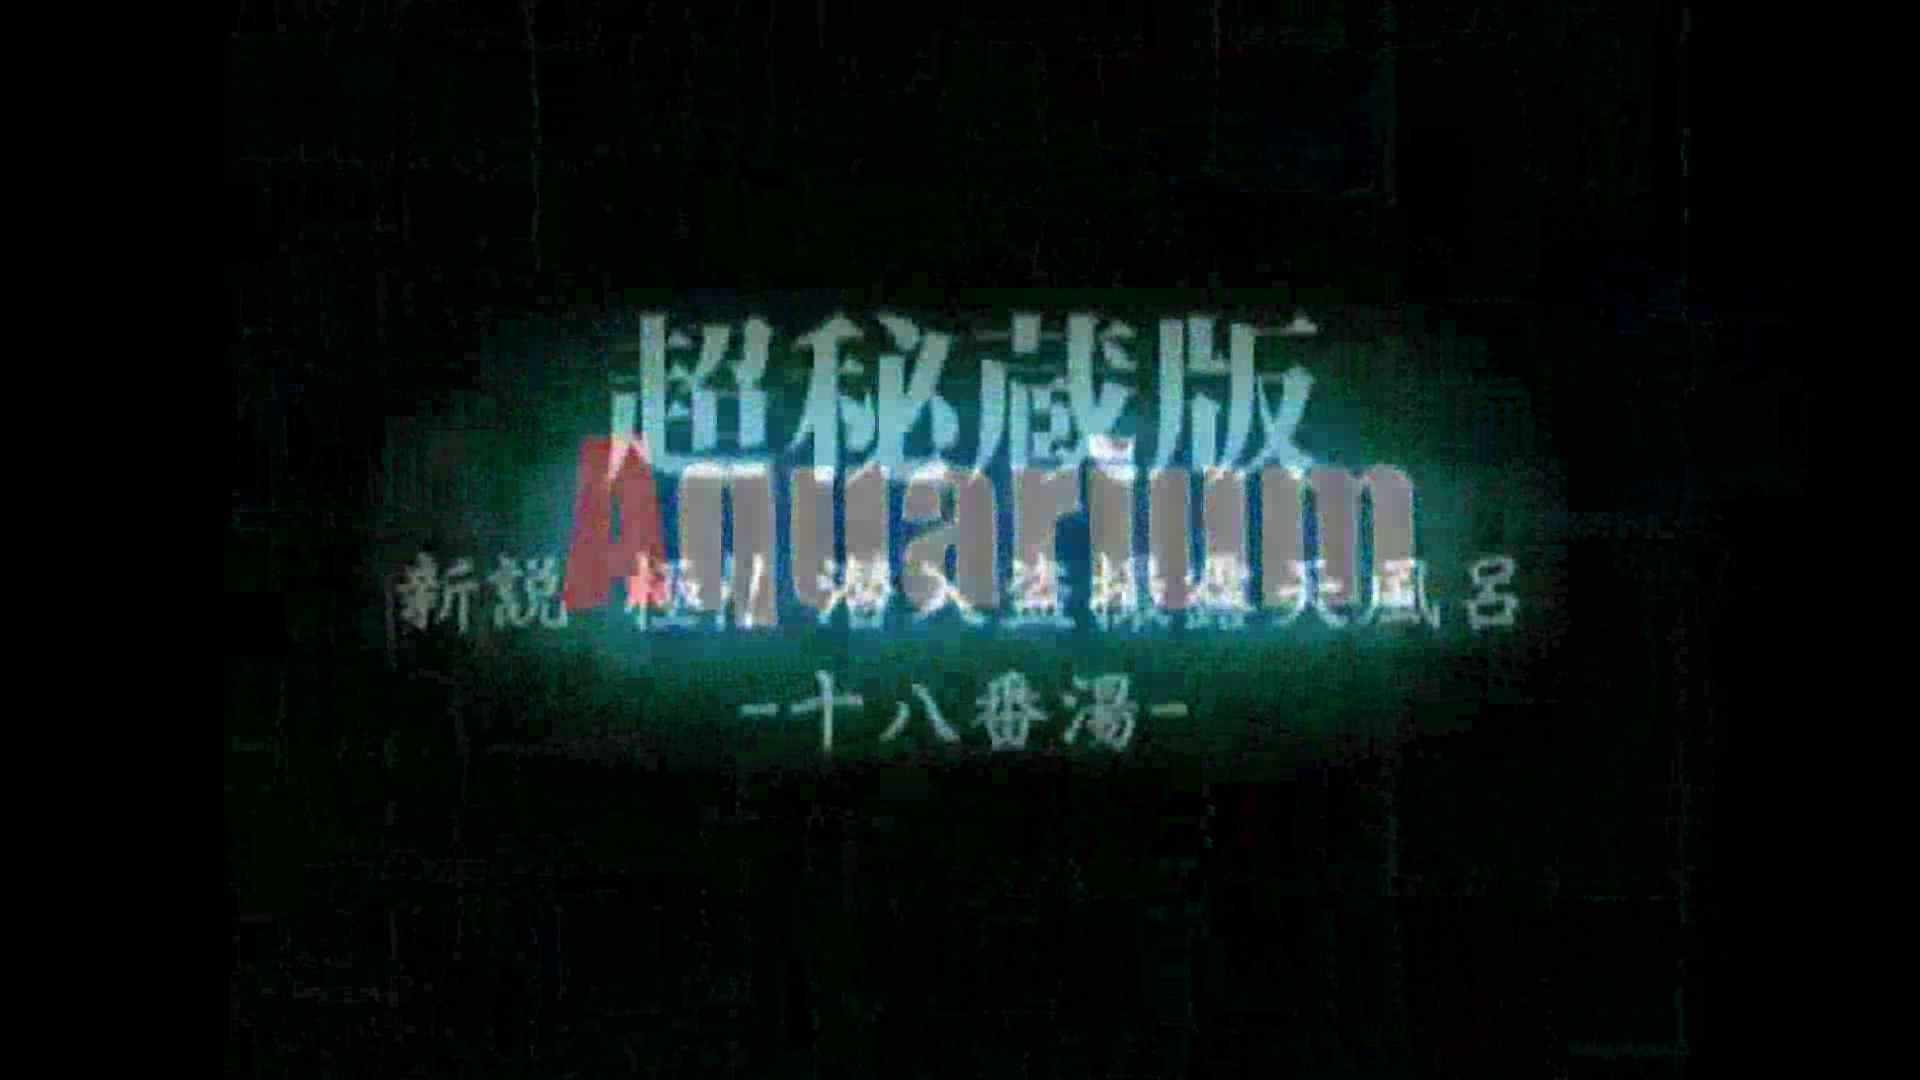 Aquaな露天風呂Vol.882潜入盗撮露天風呂十八判湯 其の二 盗撮 オマンコ動画キャプチャ 78PICs 3